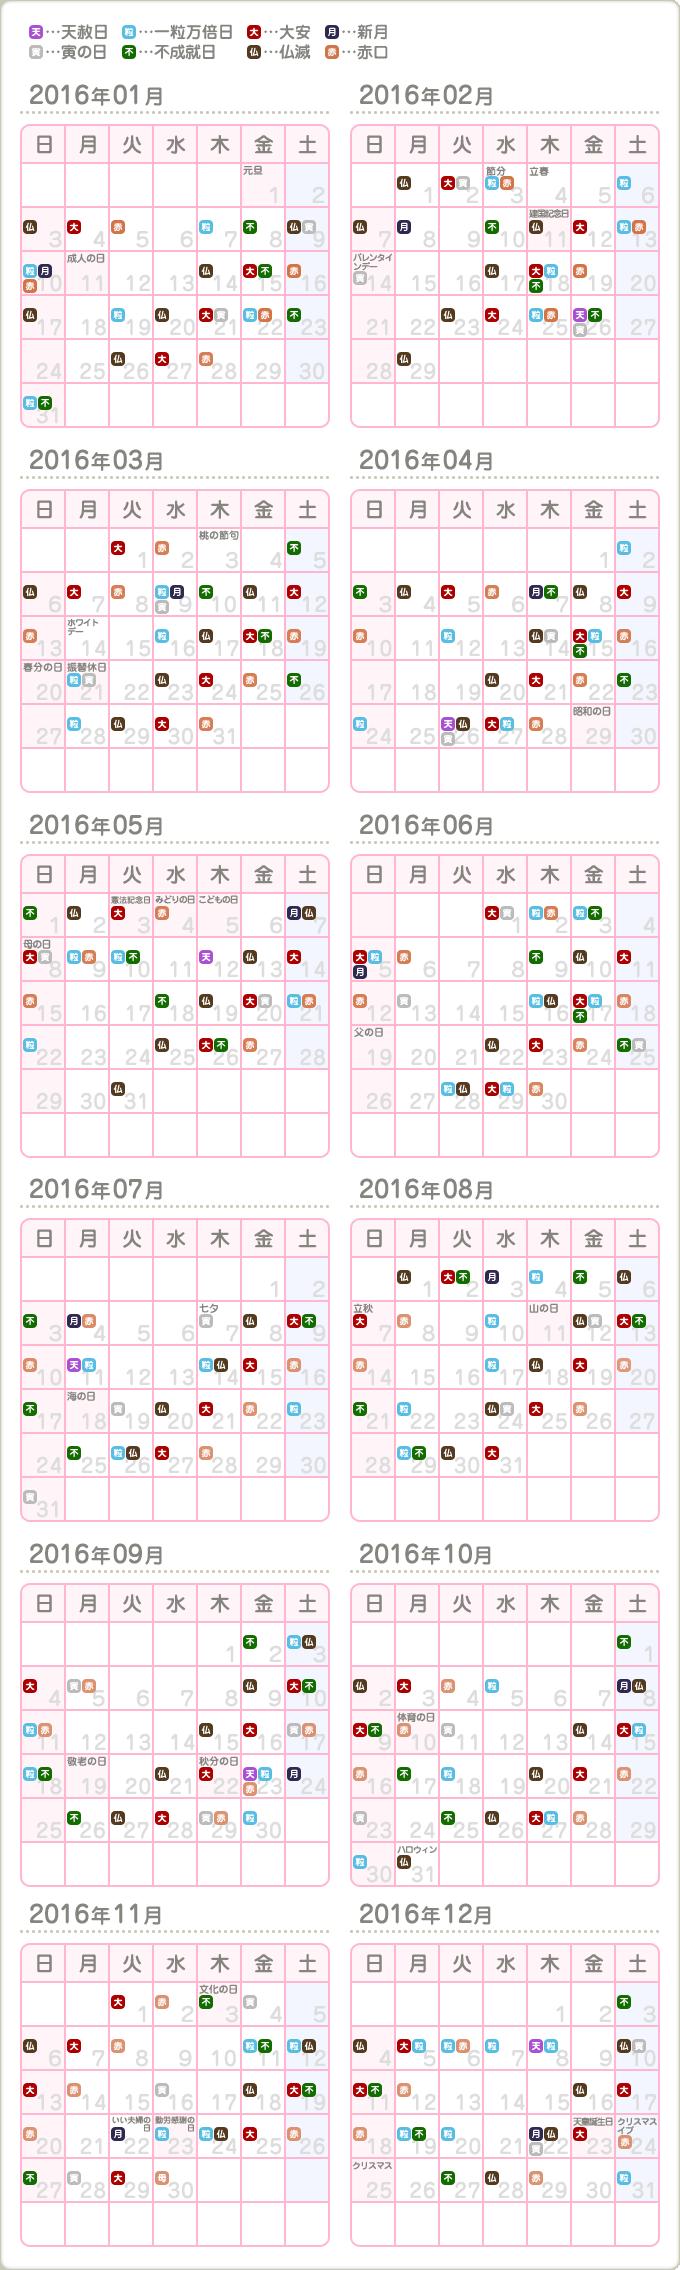 カレンダー 2016年カレンダー 大安 : 2016年カレンダー